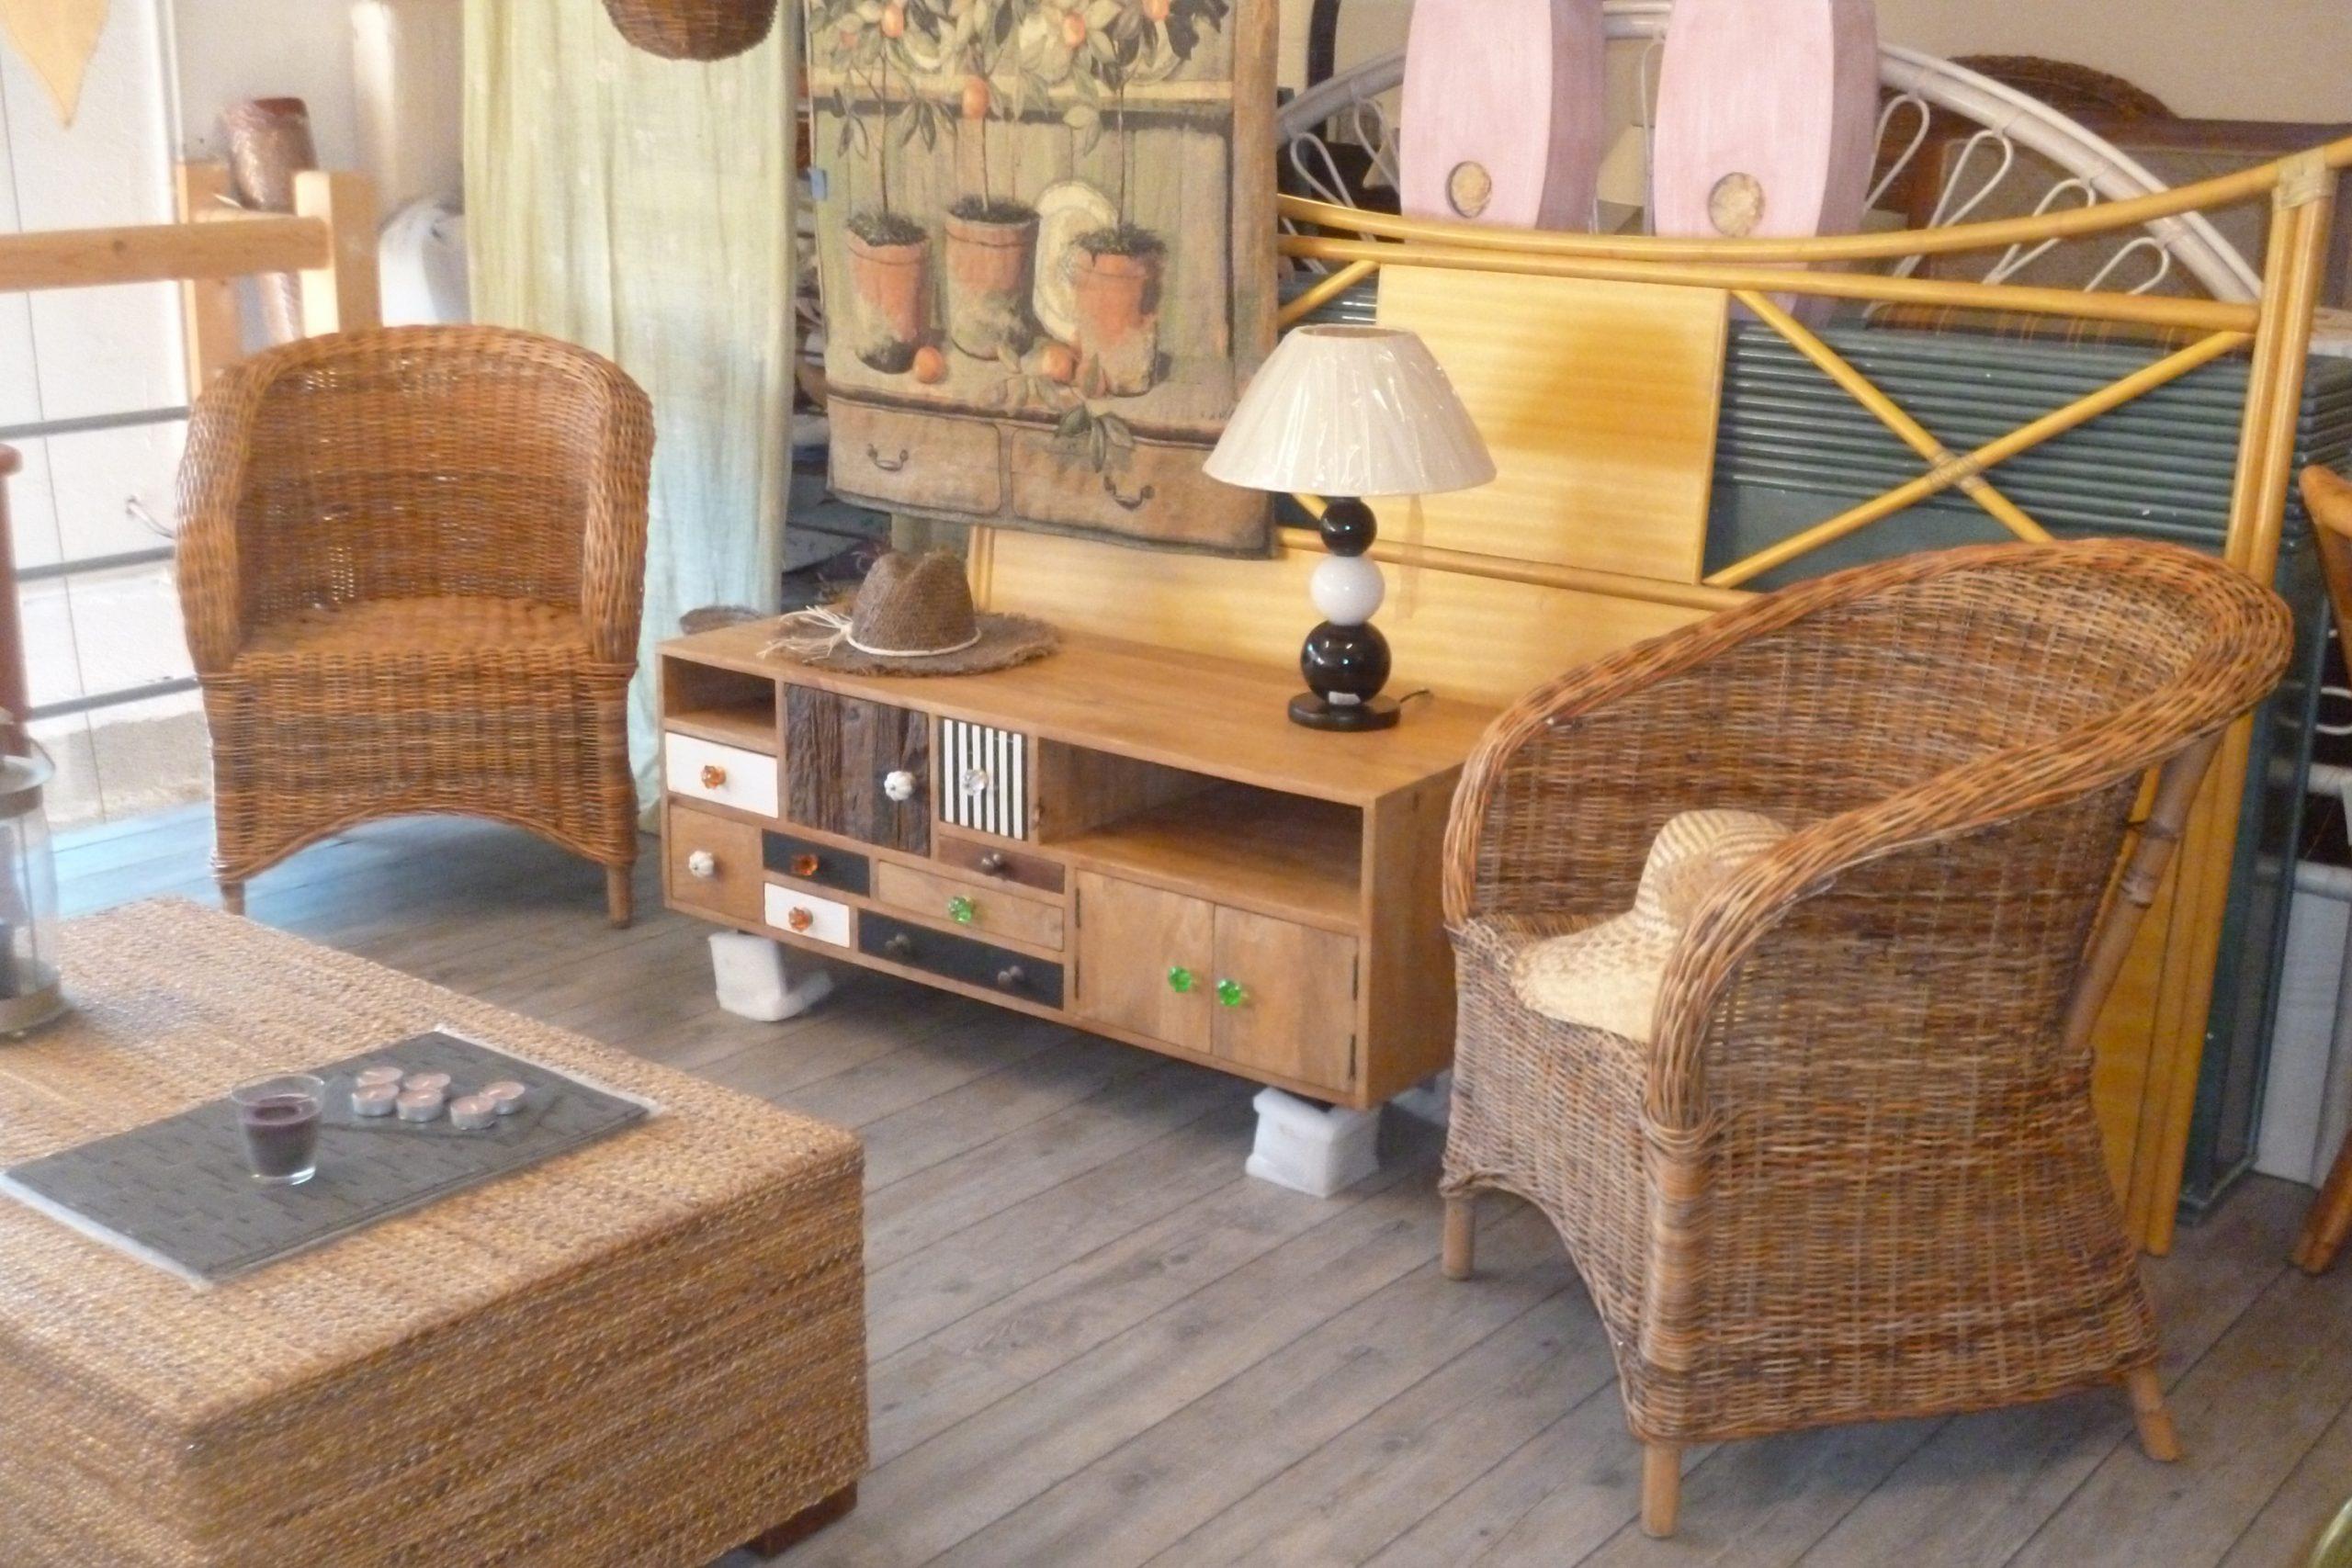 Magasin - Magasin de meuble en rotin ...